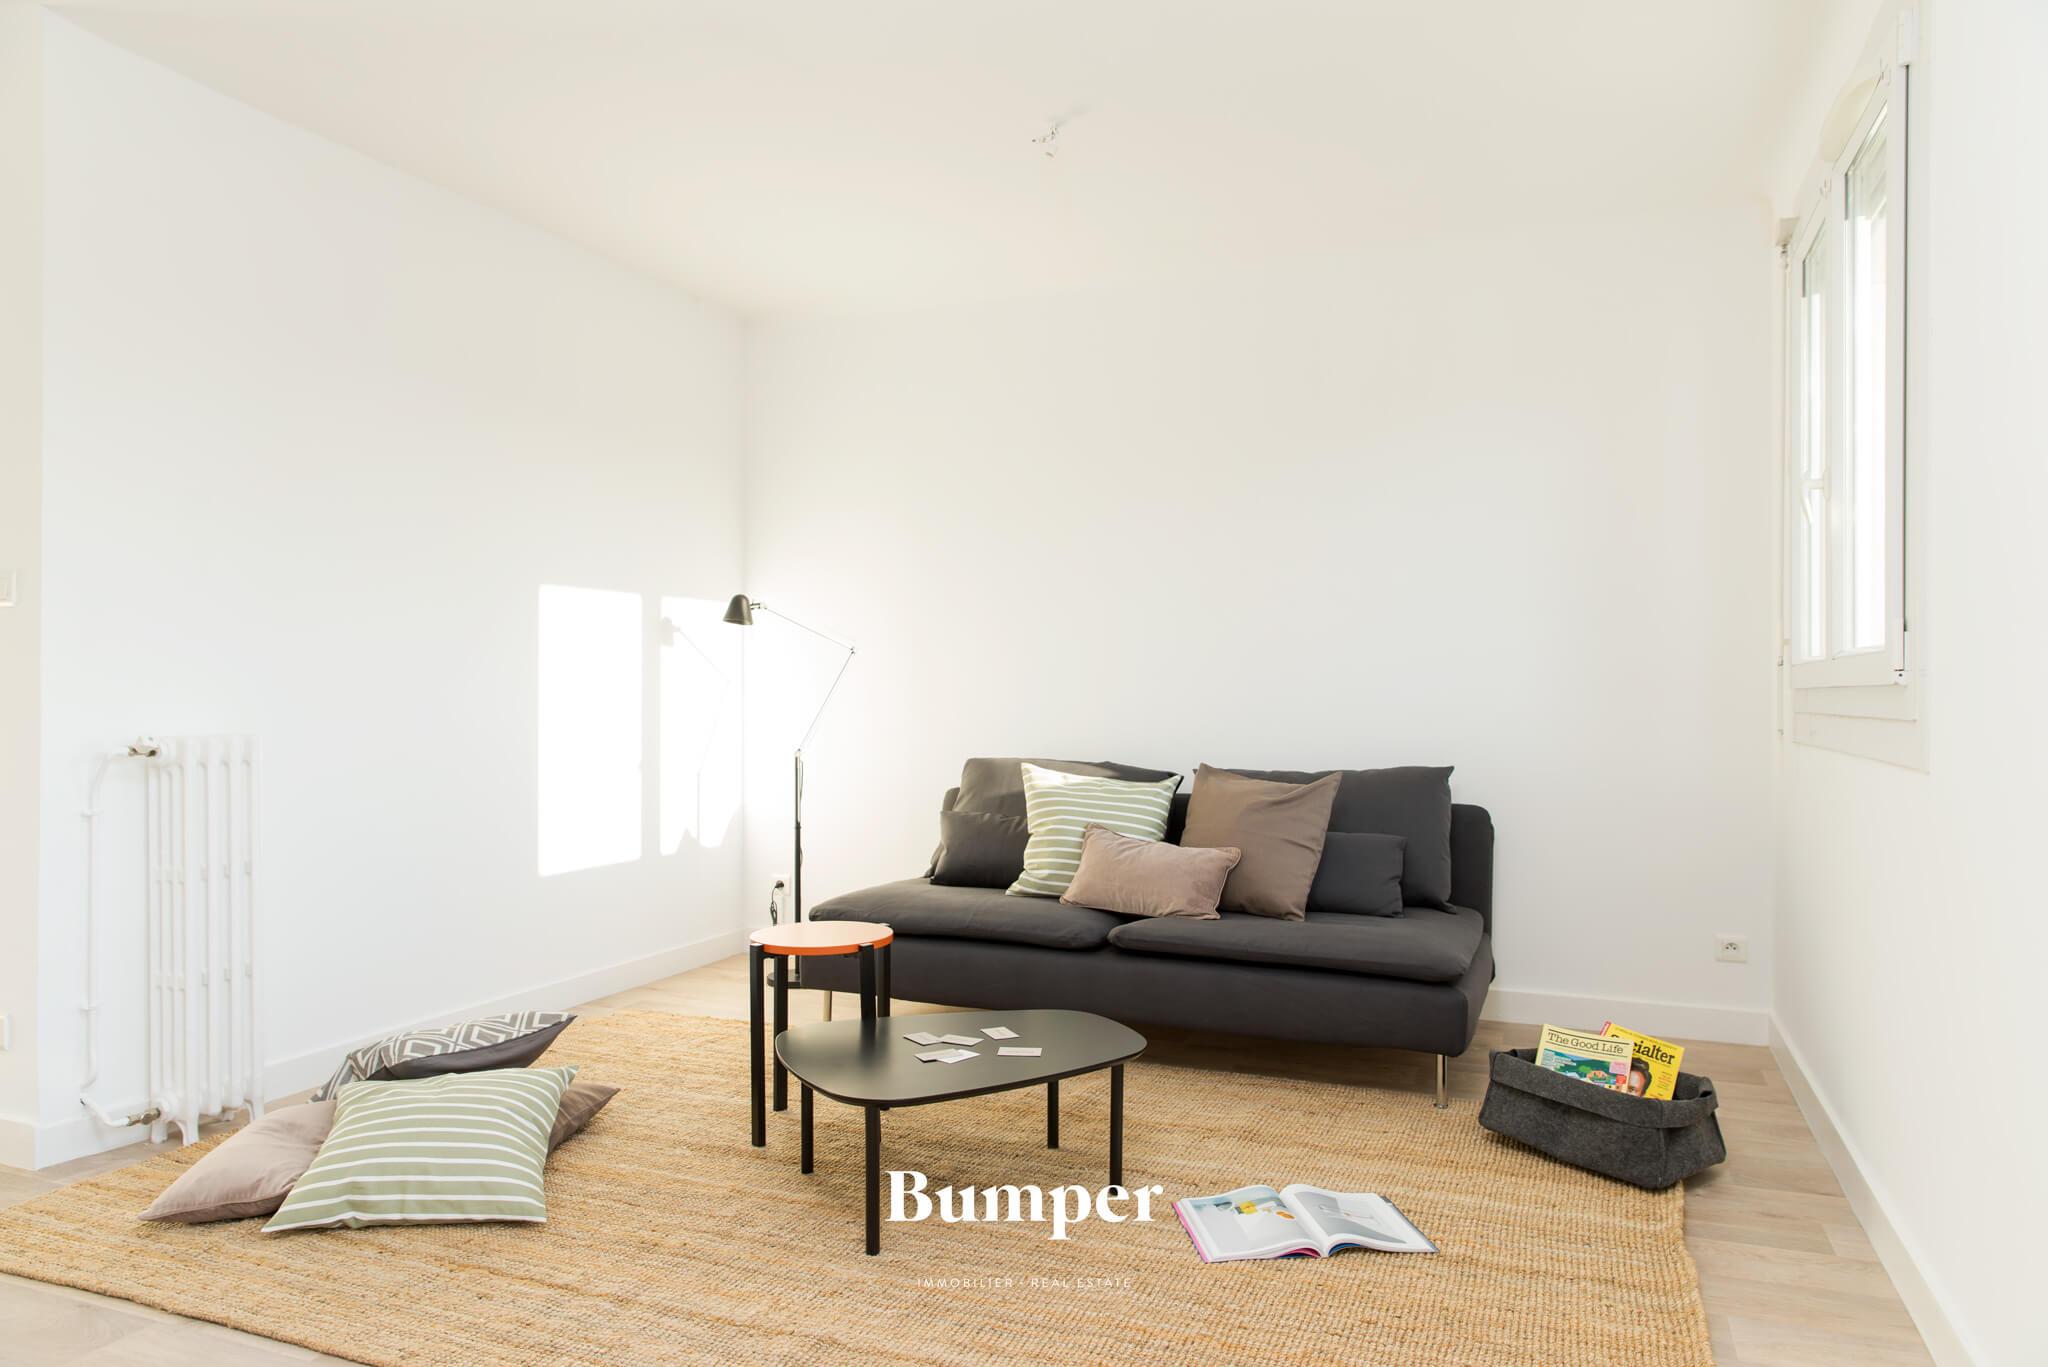 vannes-bumper-france-immobilier-lyon-appartement-avendre-T4salon2.jpg